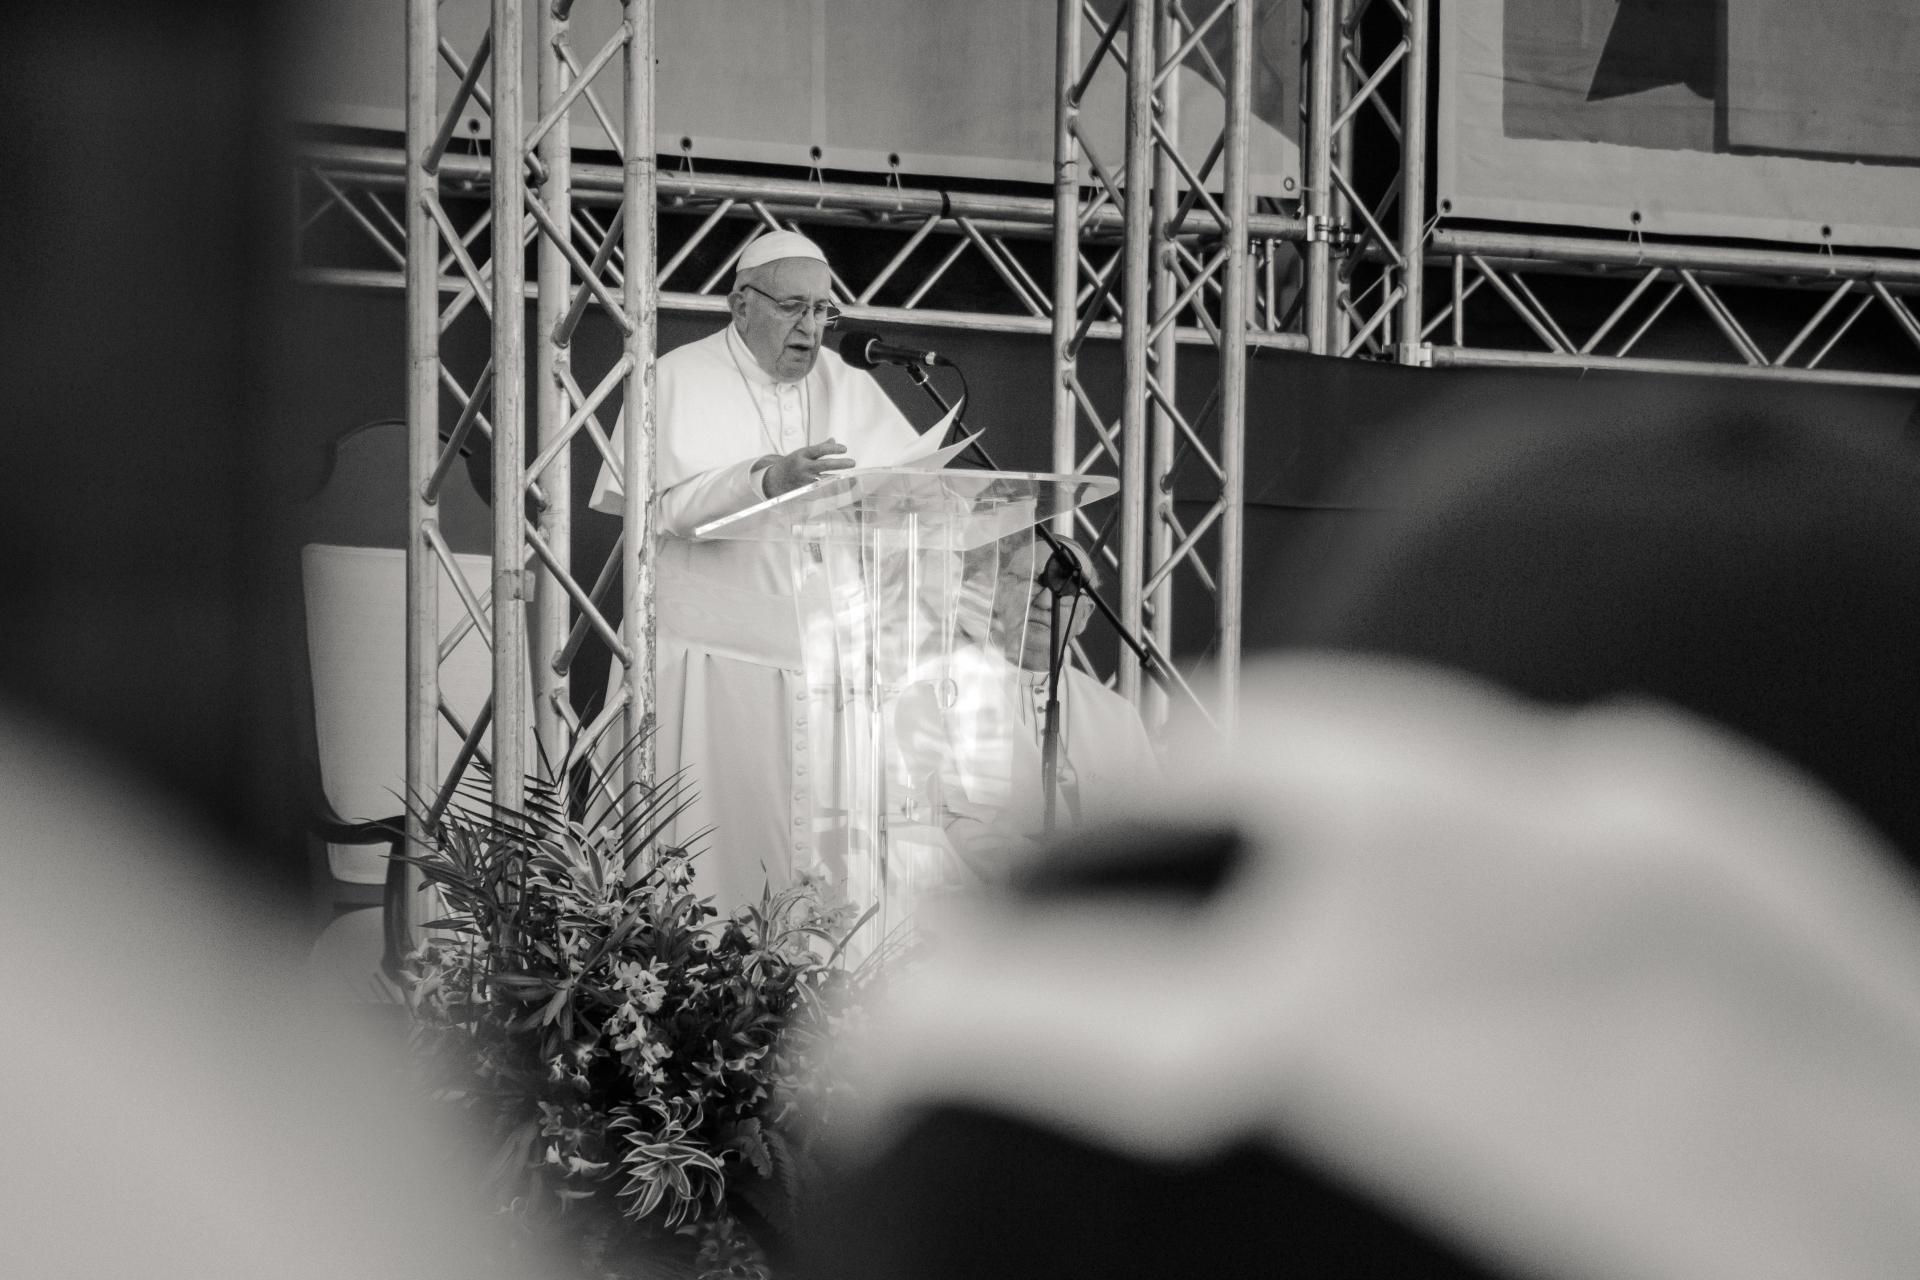 Dia da Memória: 'nunca mais', repete o Papa, nunca mais a tragédia do Holocausto